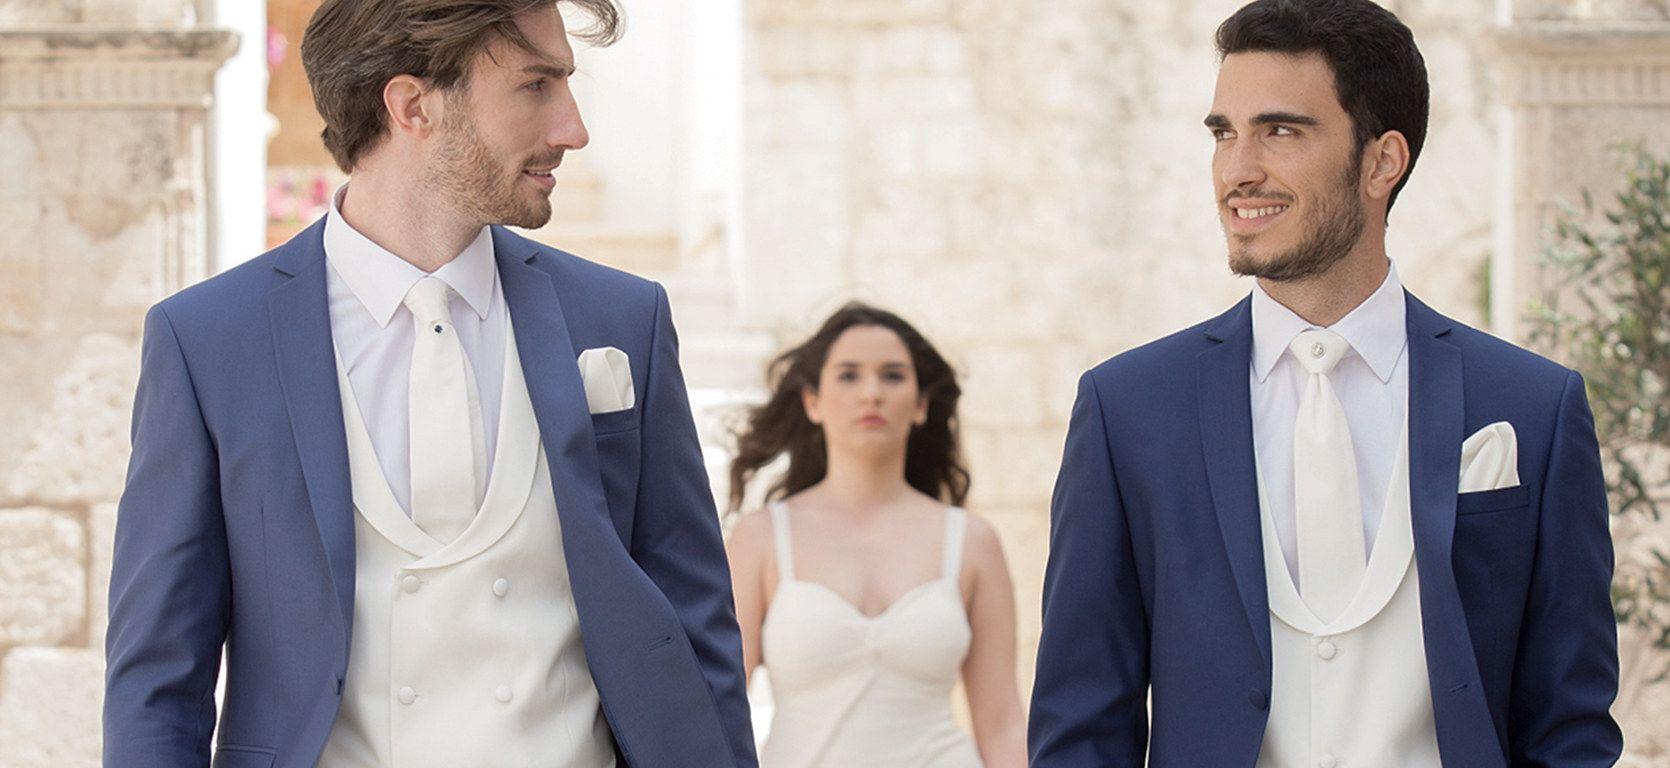 timeless design adca3 62181 Abiti sposo Musani 2018 | Cerimonia uomo Difino Atelier